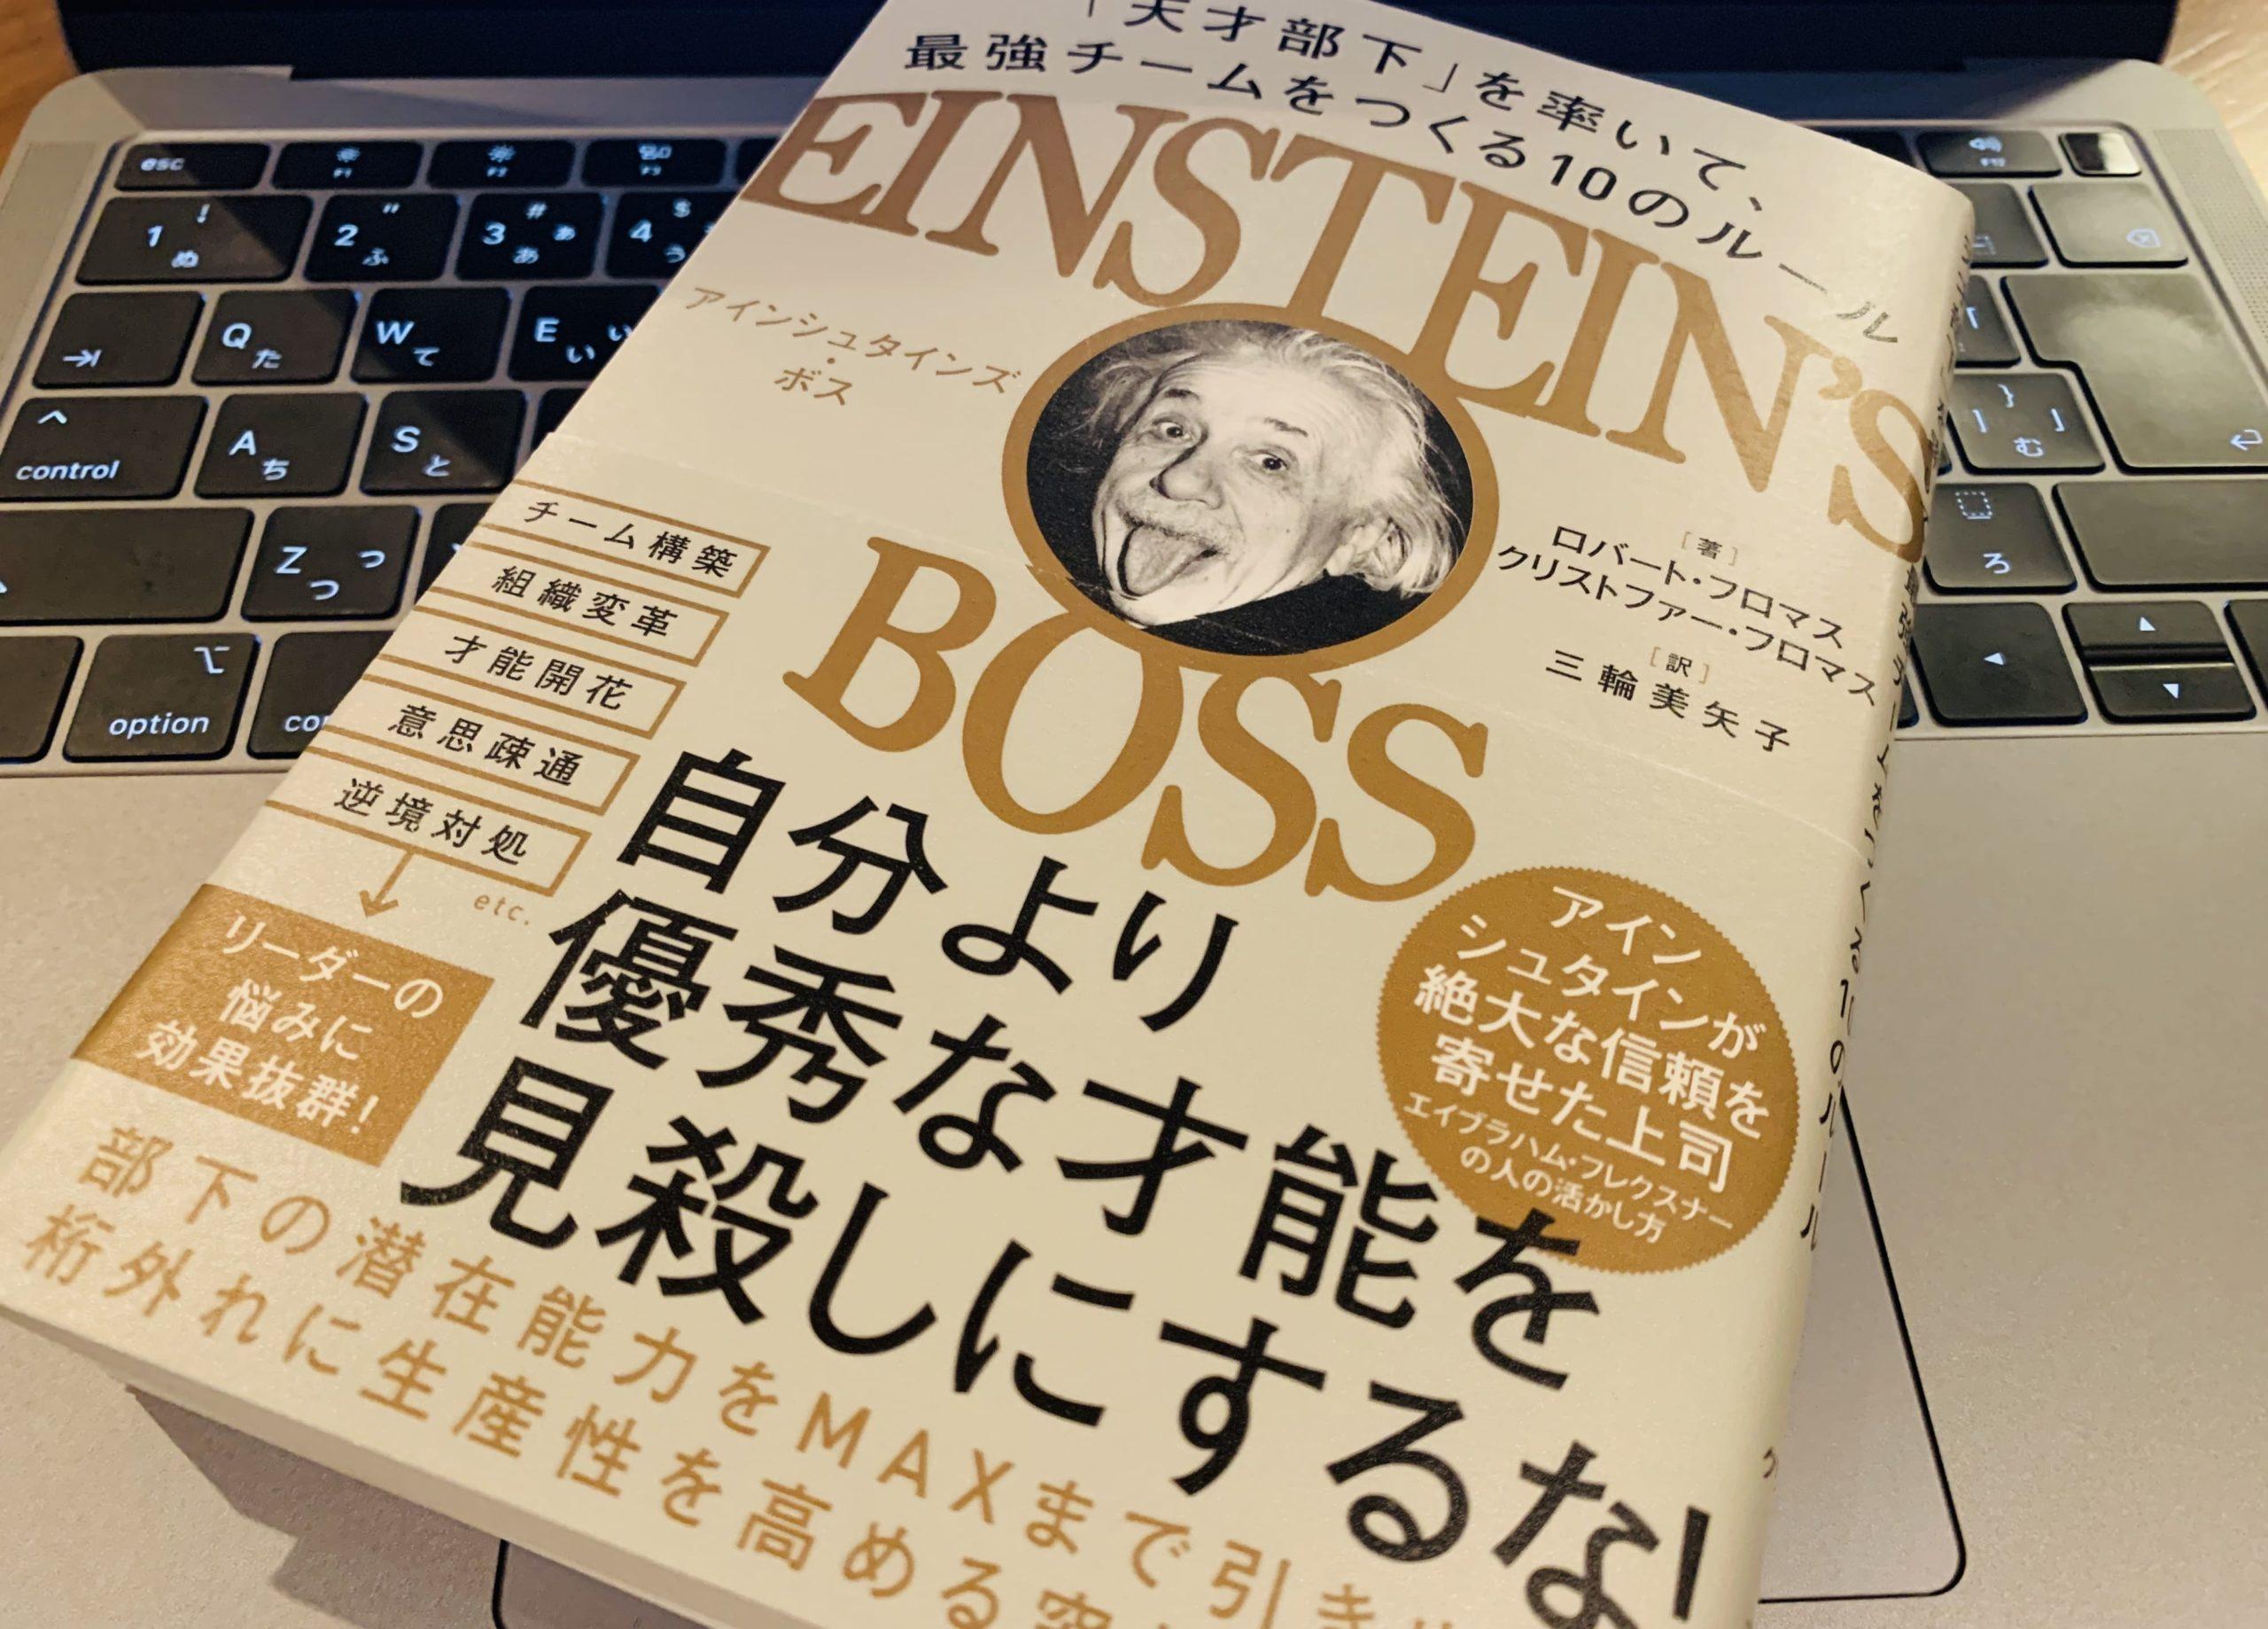 「アインシュタインズ・ボス 」の画像